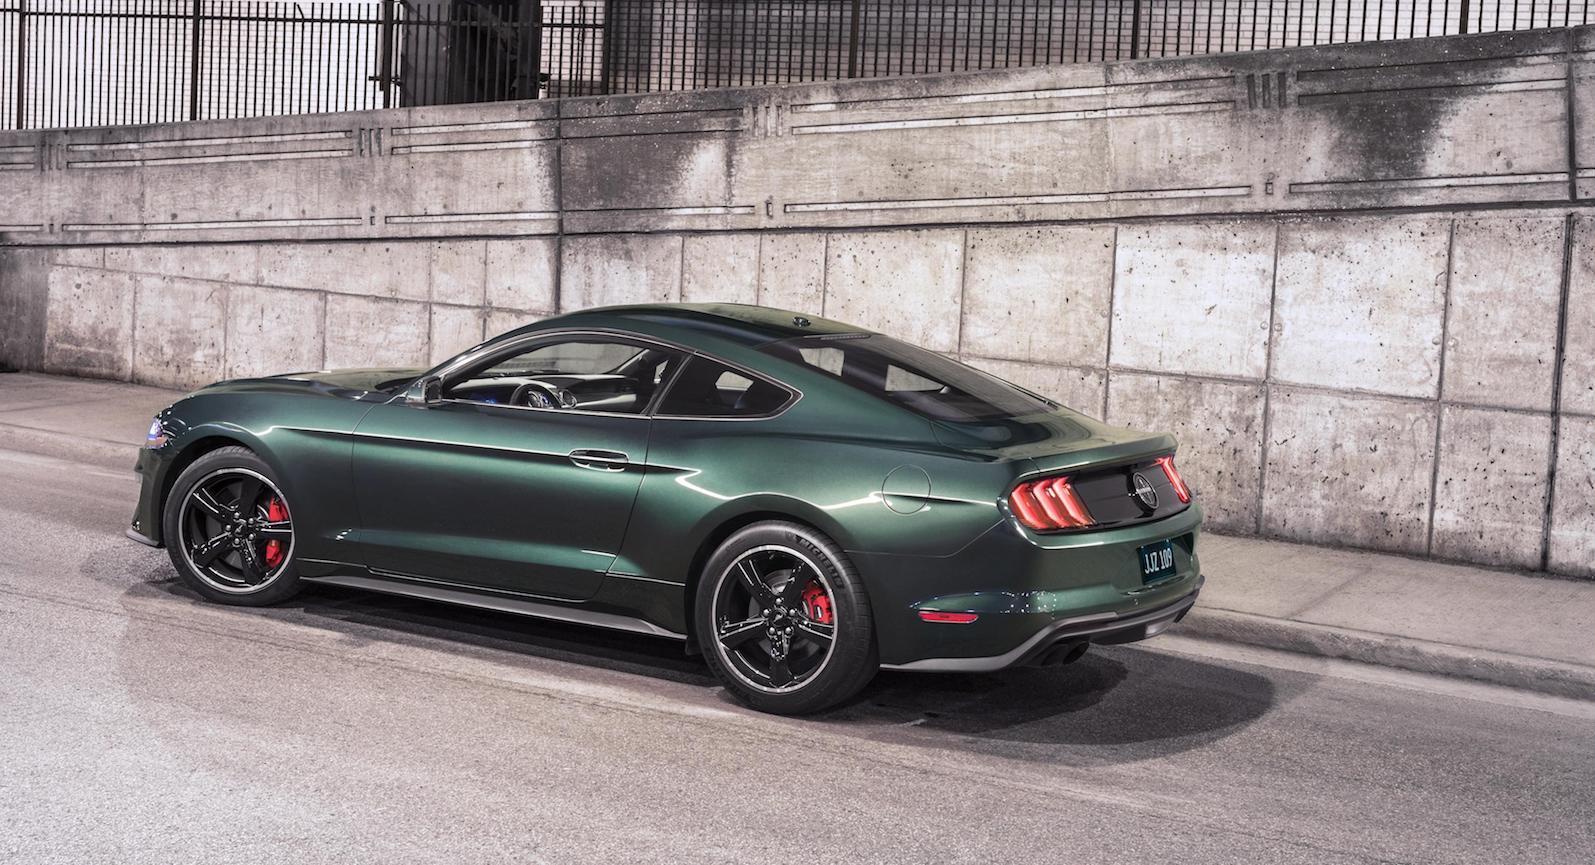 New Bullitt Mustang 001 sold for $300,000